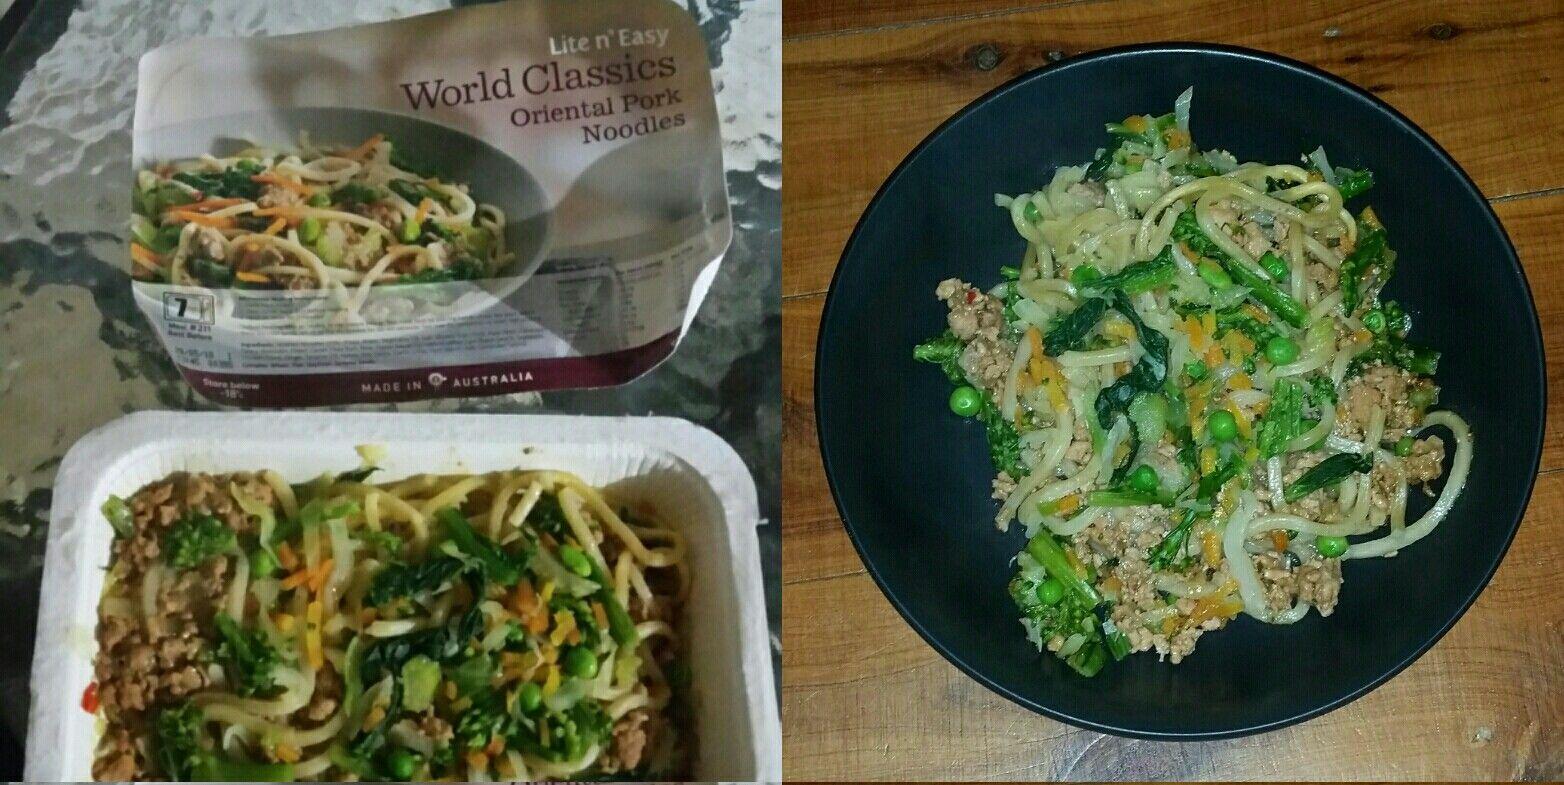 Lite n easy oriental pork noodles